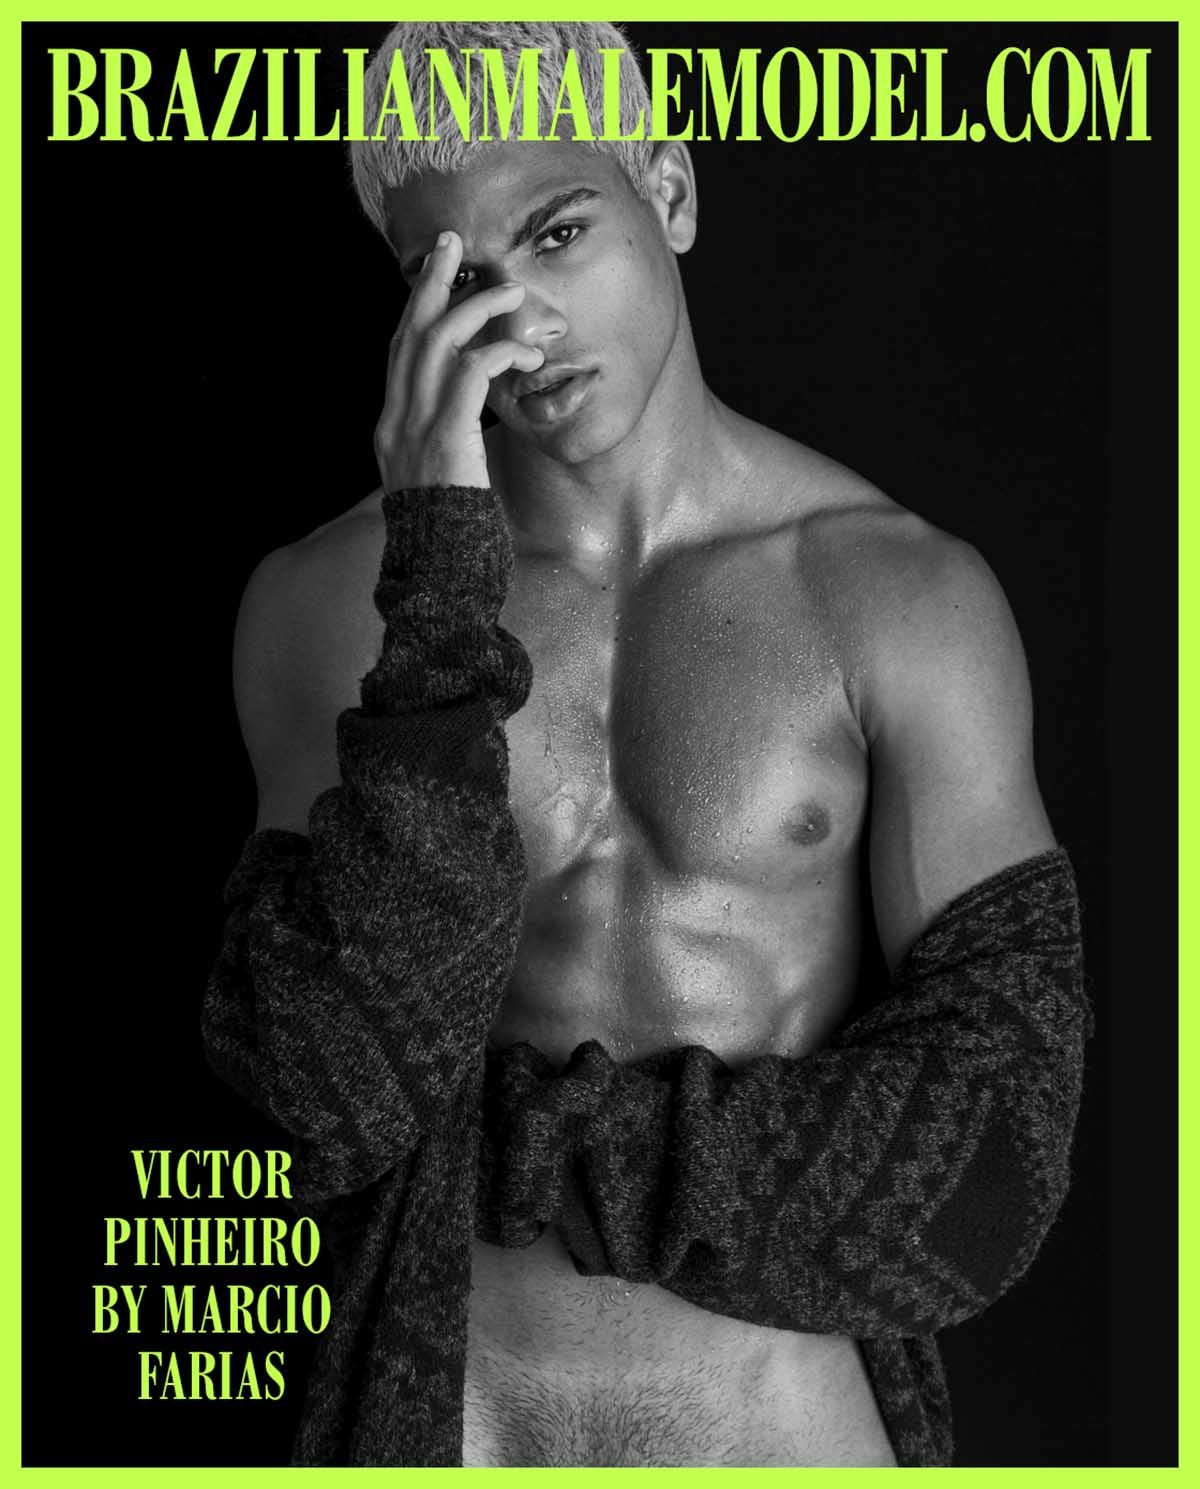 Victor Pinheiro by Marcio Farias